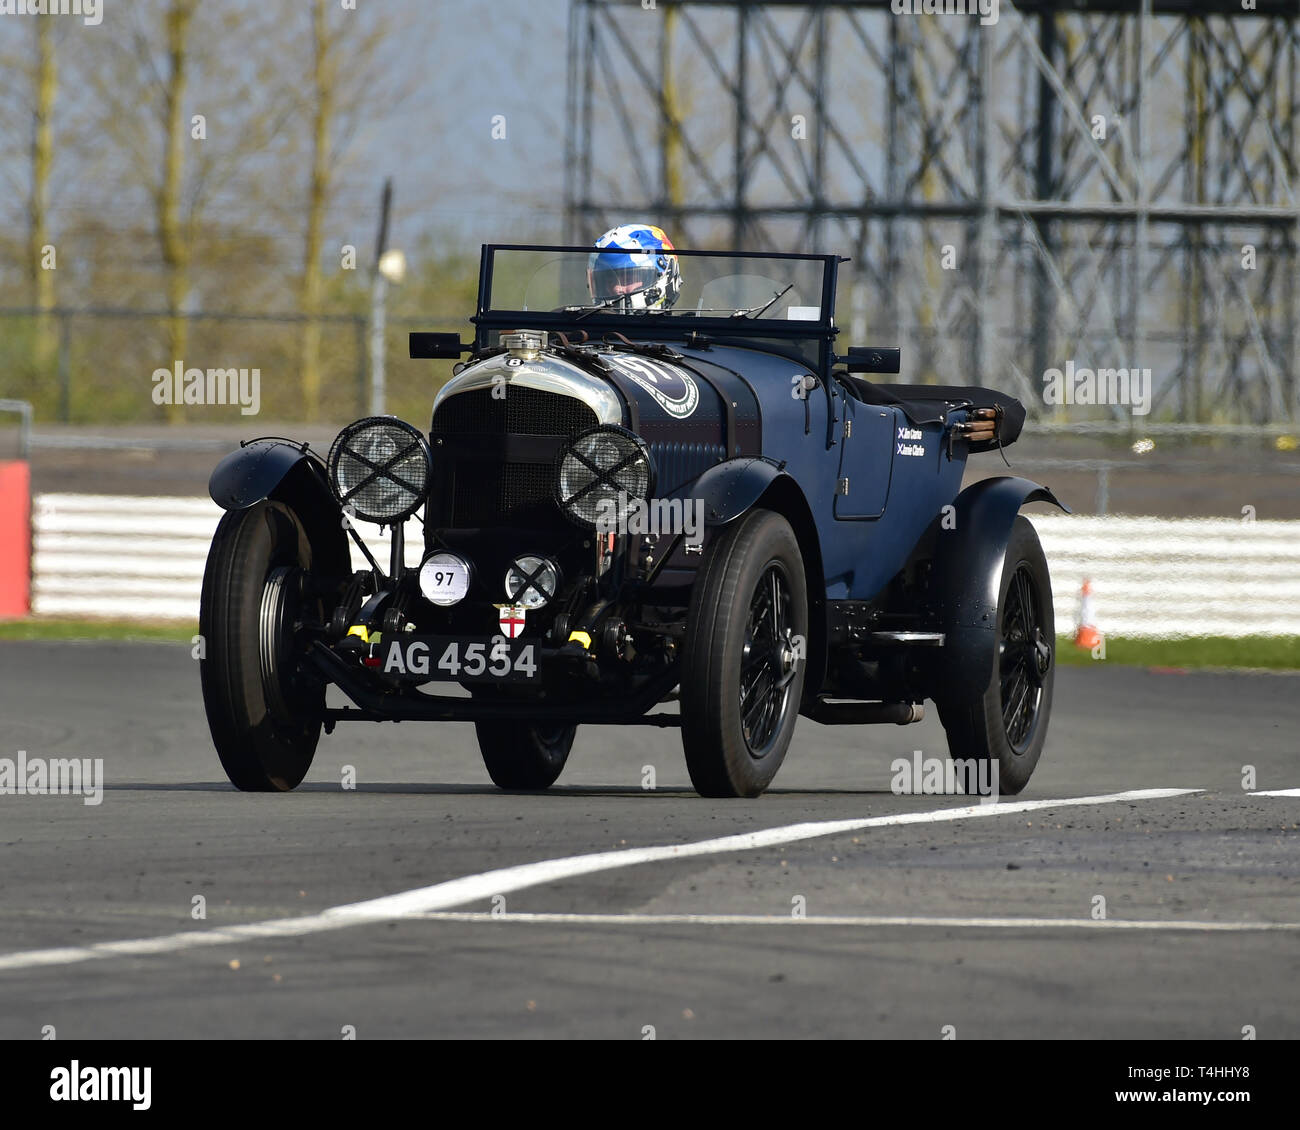 Jim Clarke, Jamie Clarke, Bentley 4½ Litre, Benjafield 100, 100 Years of Bentley, April 2019,  Silverstone, Northamptonshire, England, circuit racing, - Stock Image